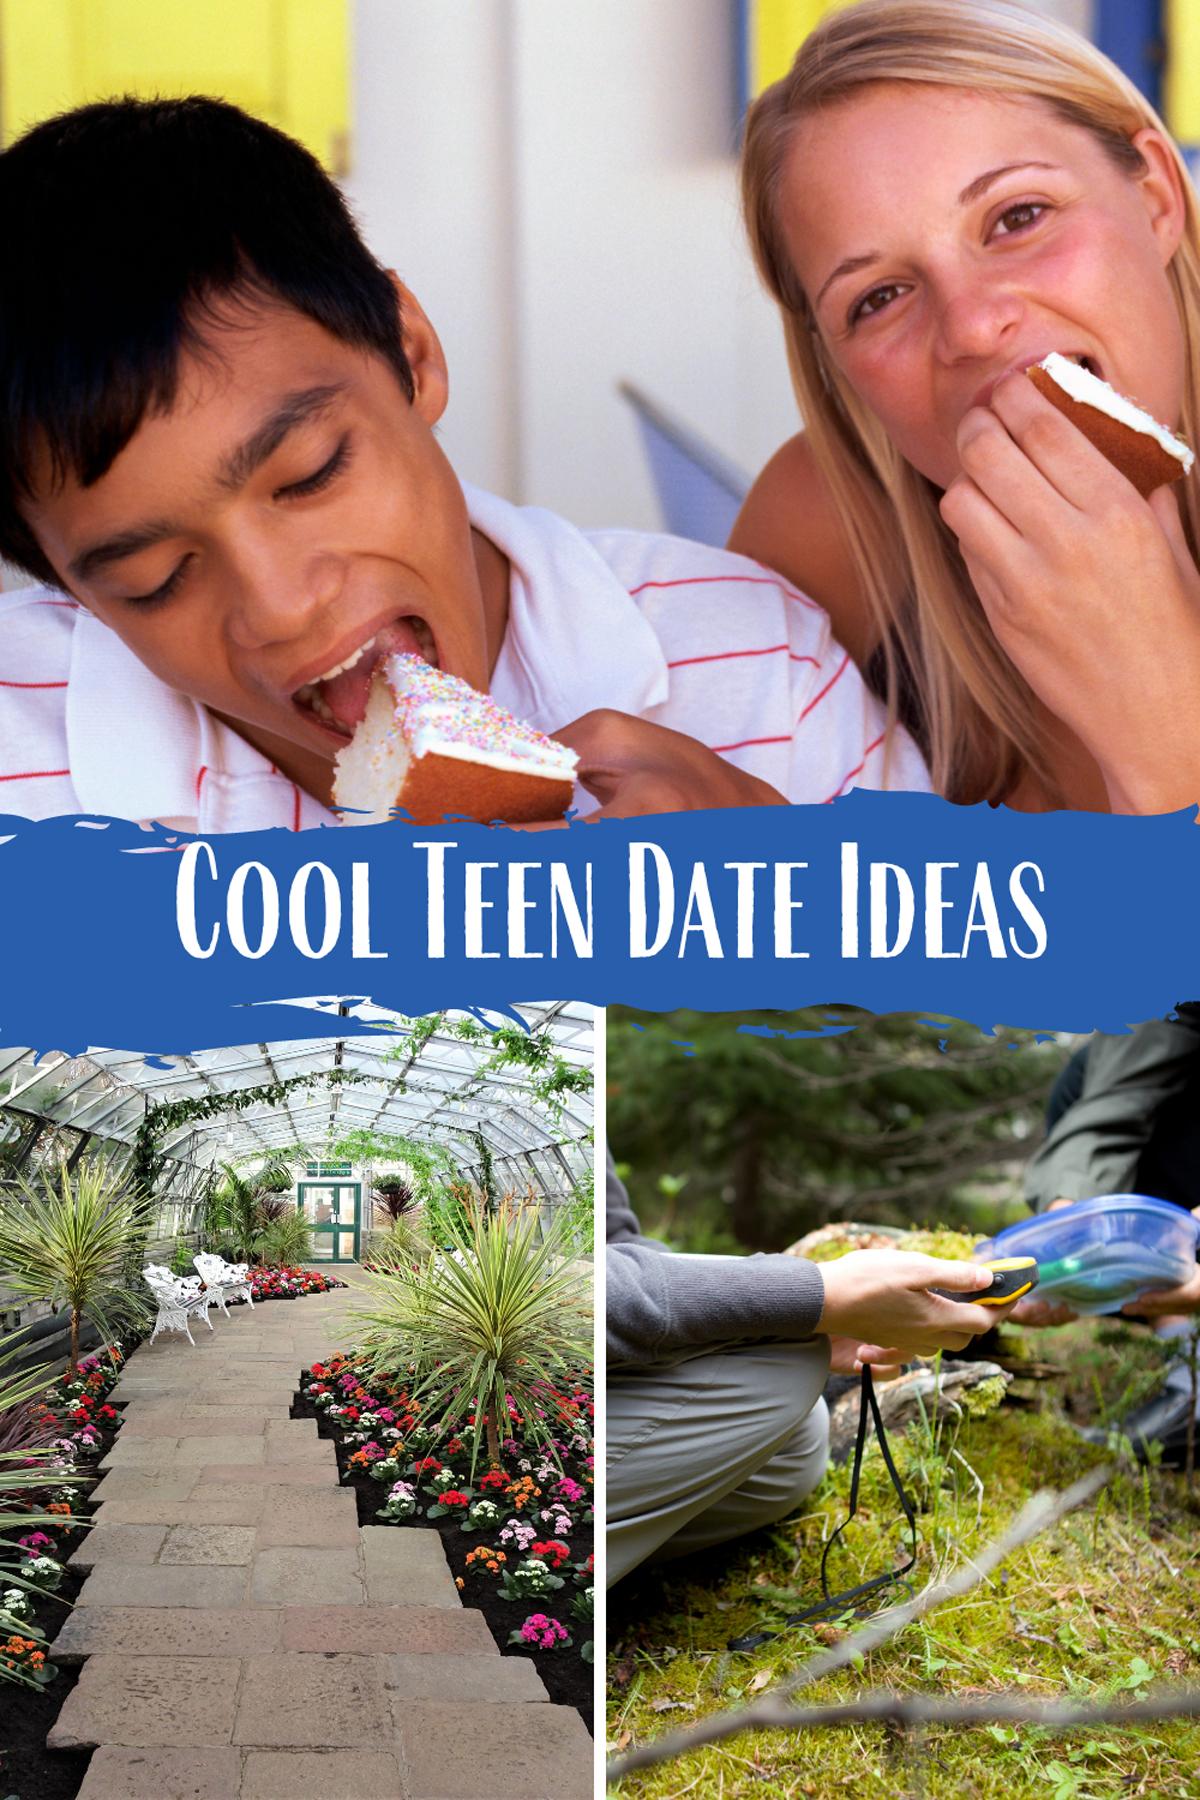 Cool Teen Date Ideas